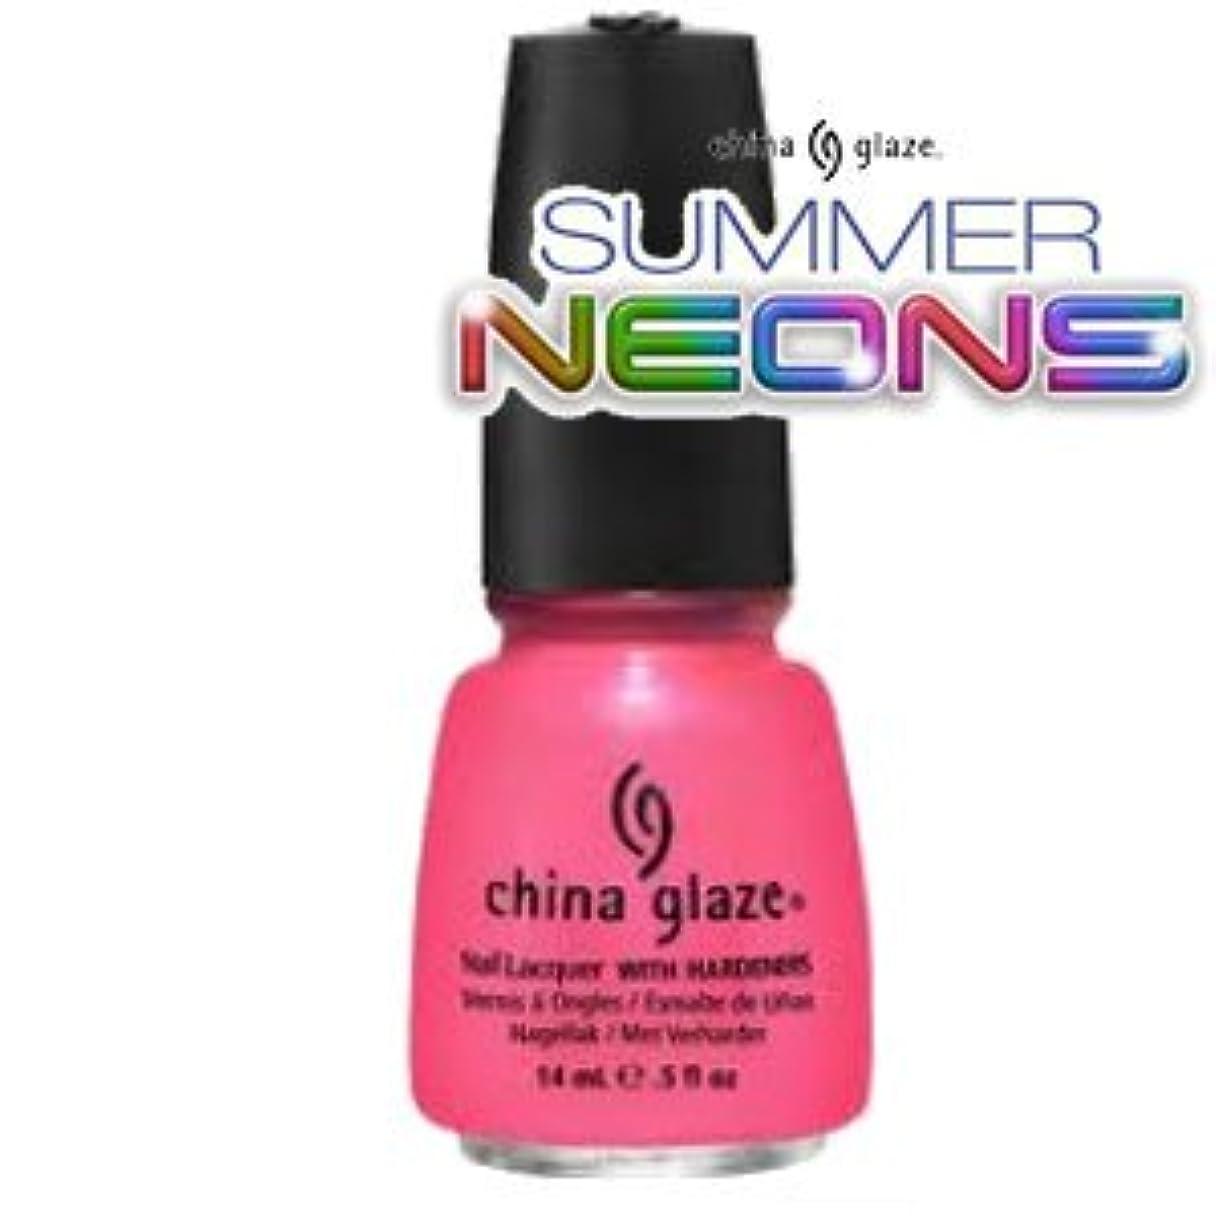 (チャイナグレイズ)China Glaze Pink Plumeriaーサマーネオン コレクション [海外直送品][並行輸入品]